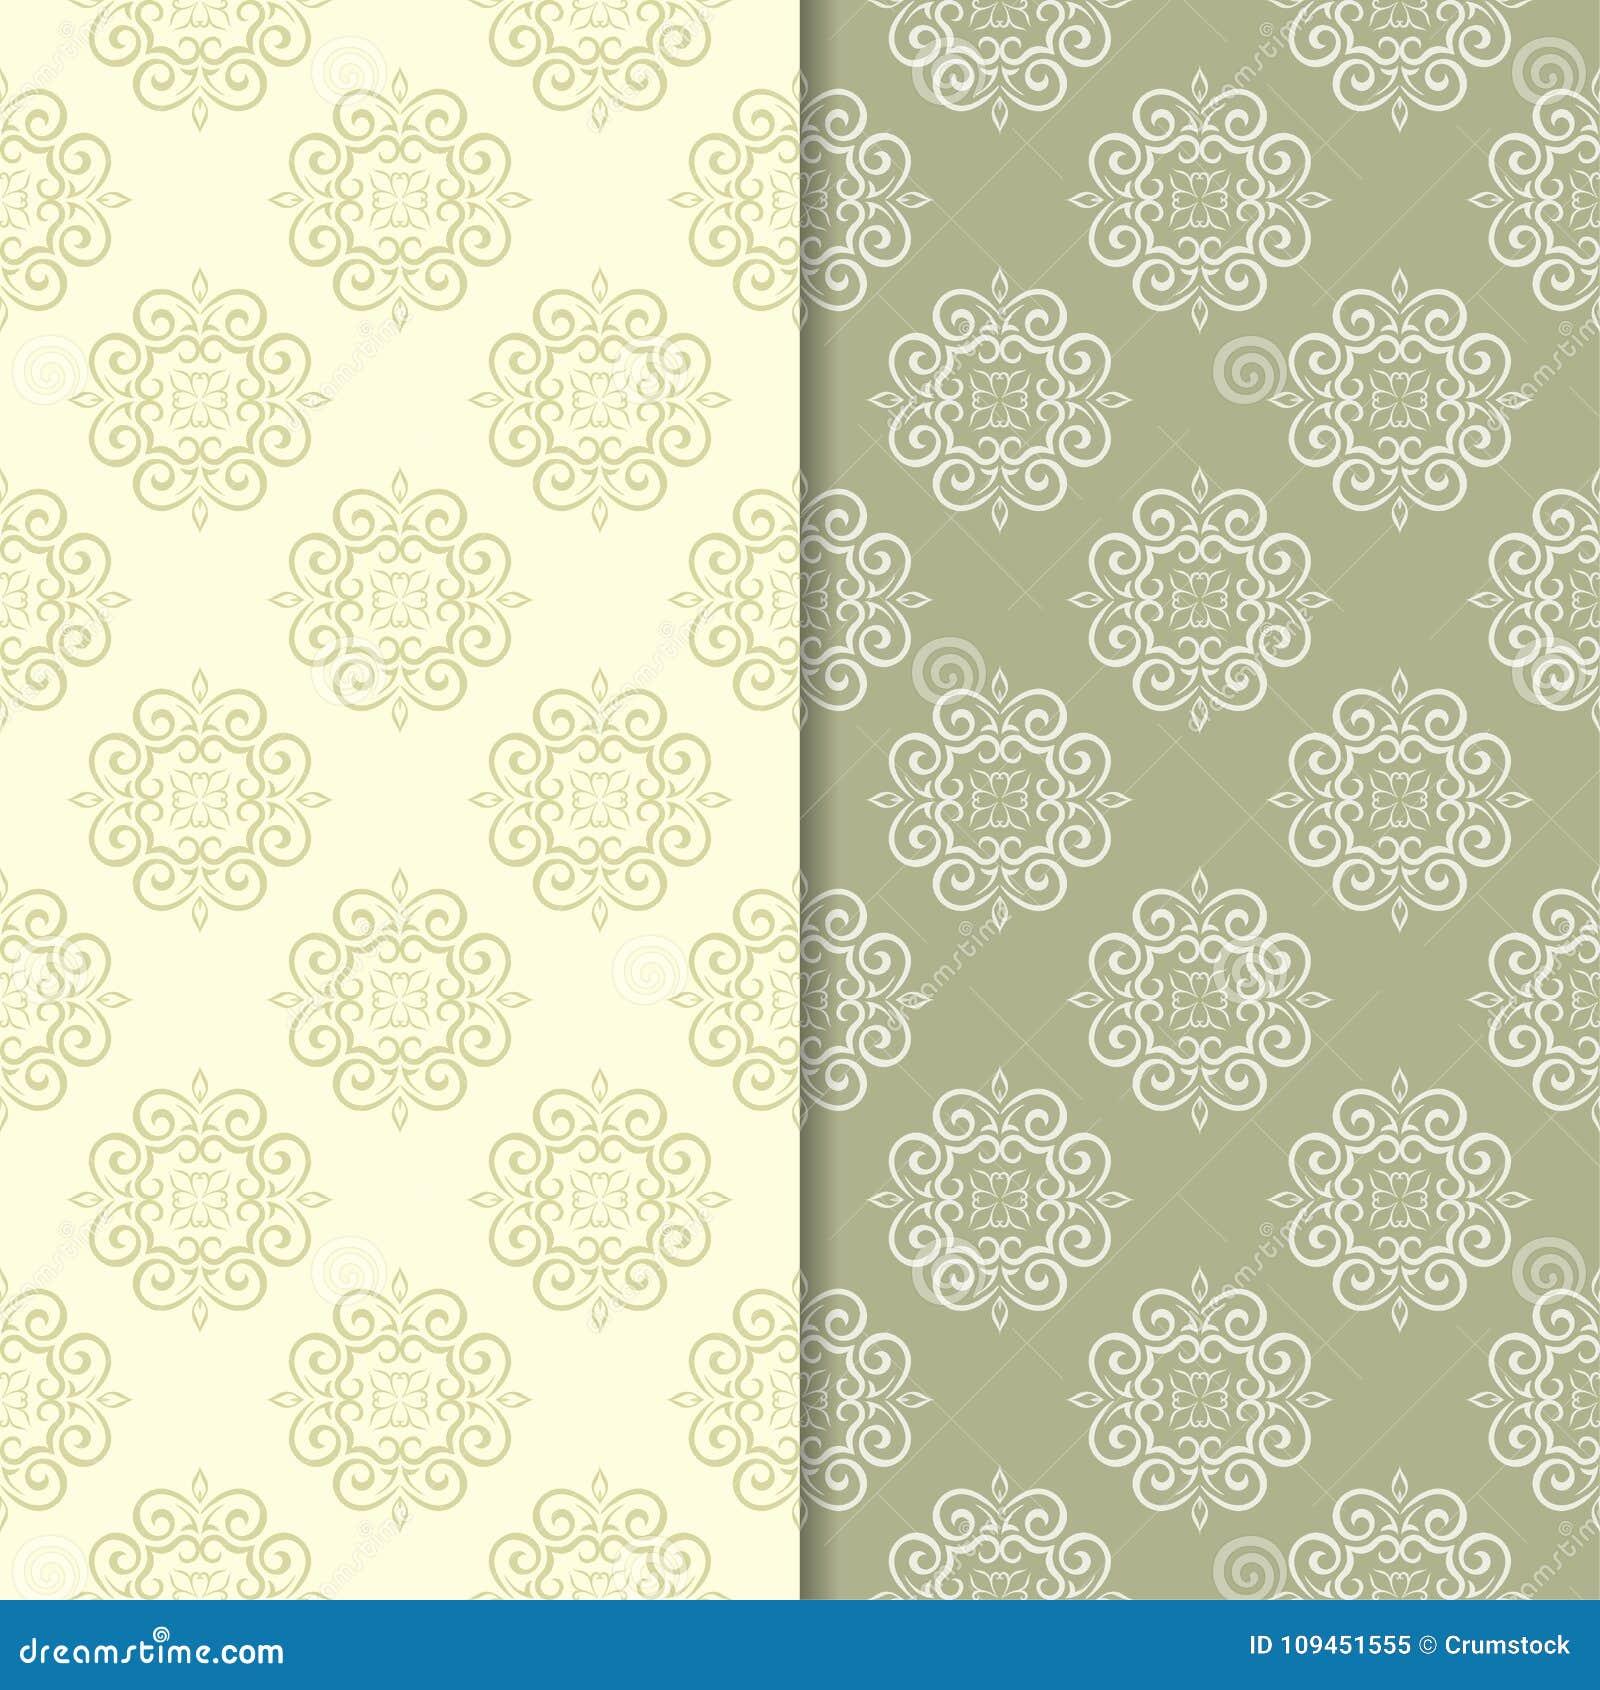 Дизайны прованского зеленого цвета флористические делает по образцу безшовный комплект